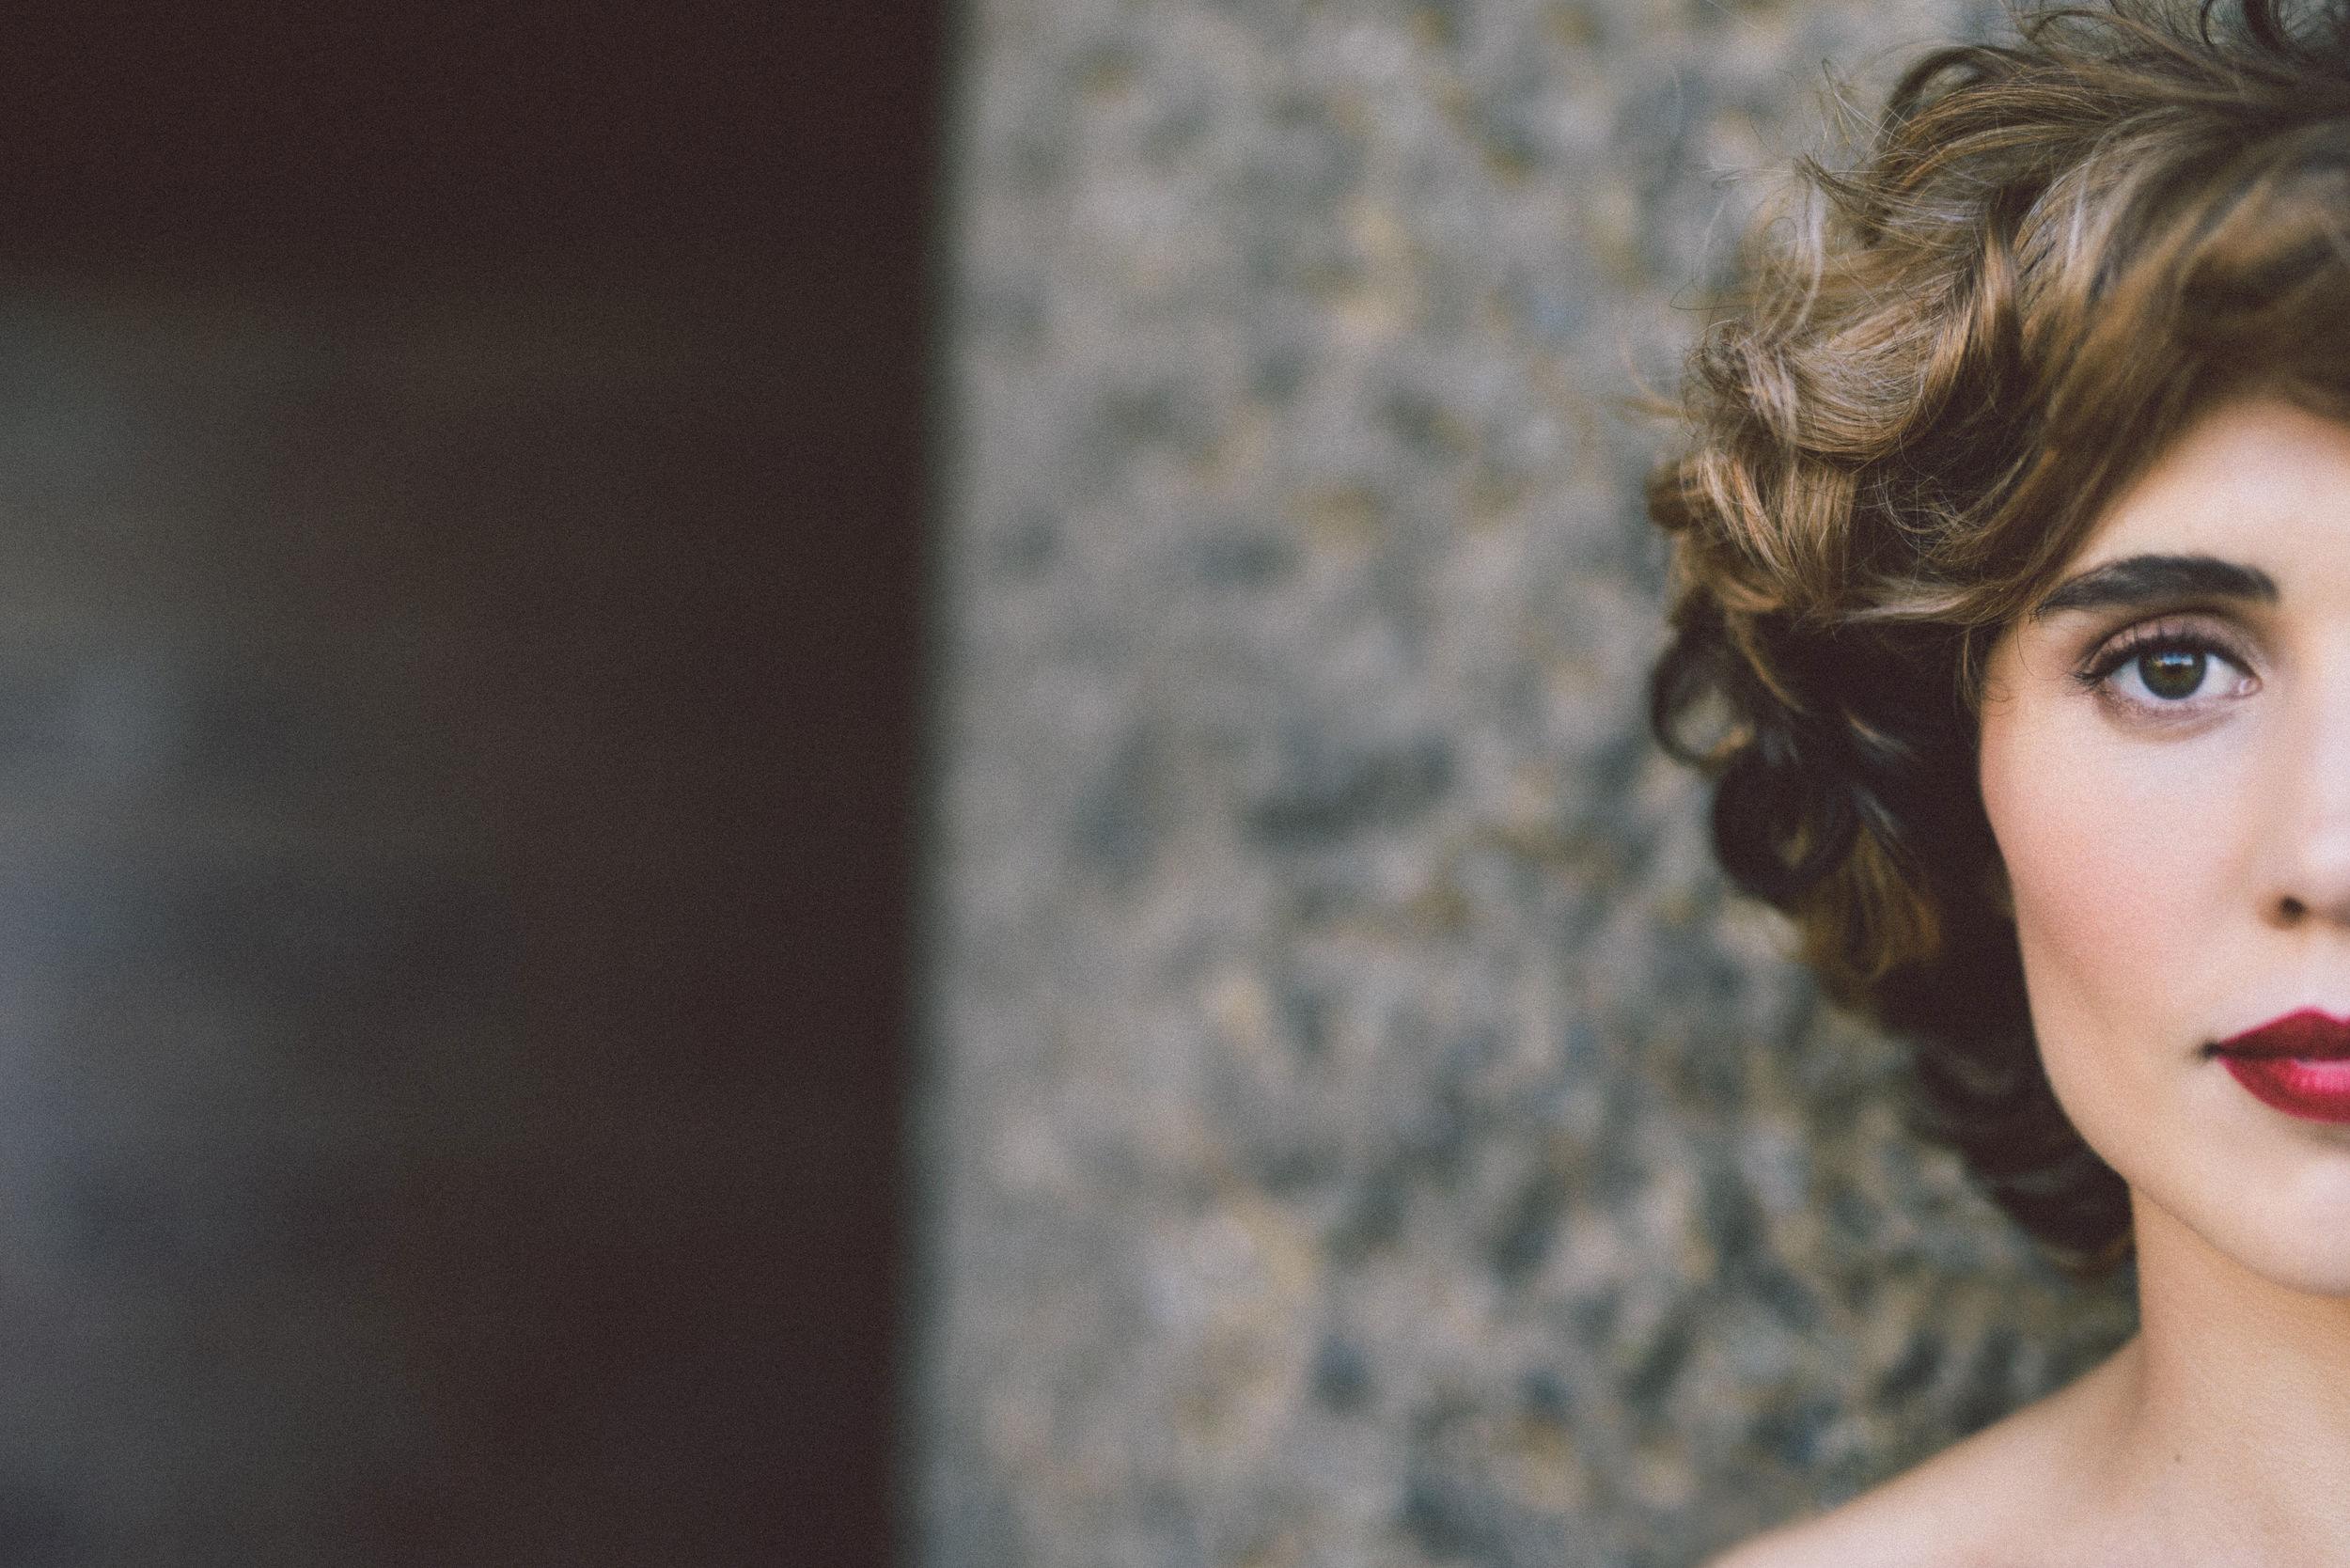 Photographer - Sussie Mellstedt  Model - Clementine Bourdin